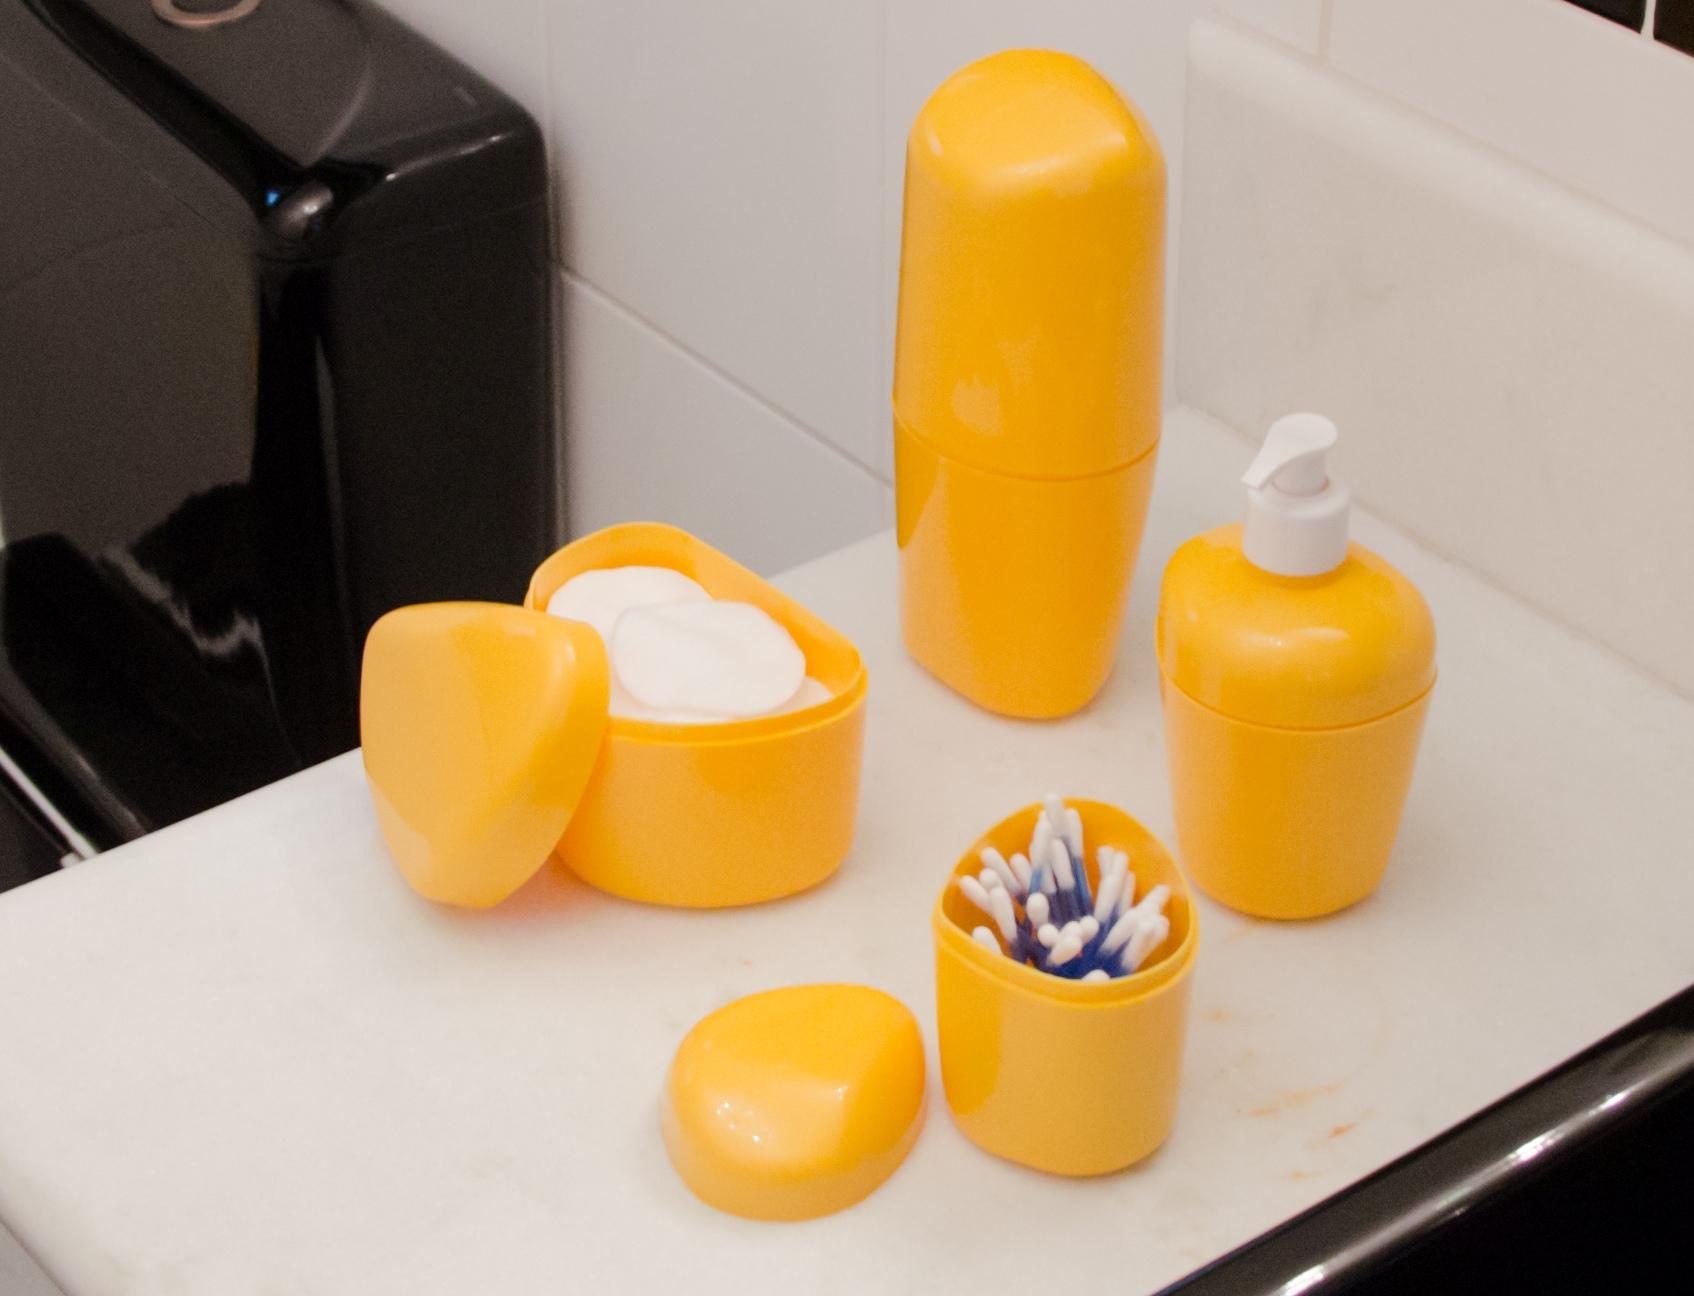 A imagem mostra uma pia com quatro elementos em cima dela, todos na cor amarela. Há um porta-cotonetes, um porta-algodão, um porta-sabonete líquido e um porta-escova.